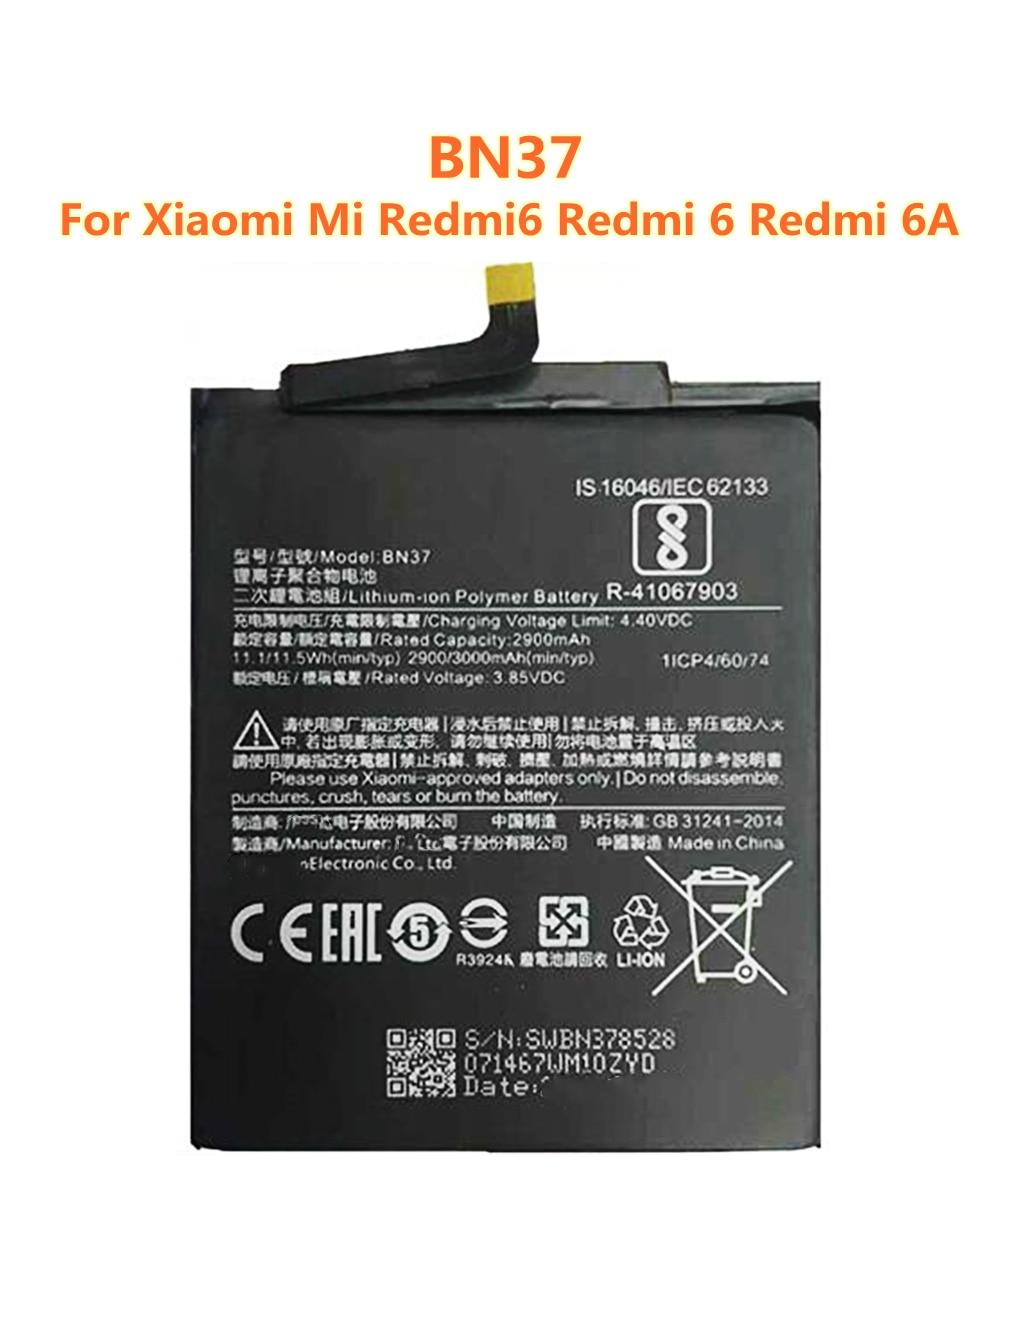 Аккумулятор BN37 100% мАч высшего качества для Xiaomi Mi Redmi6 Redmi 6 Redmi 6A Redrice 6 мобильный телефон